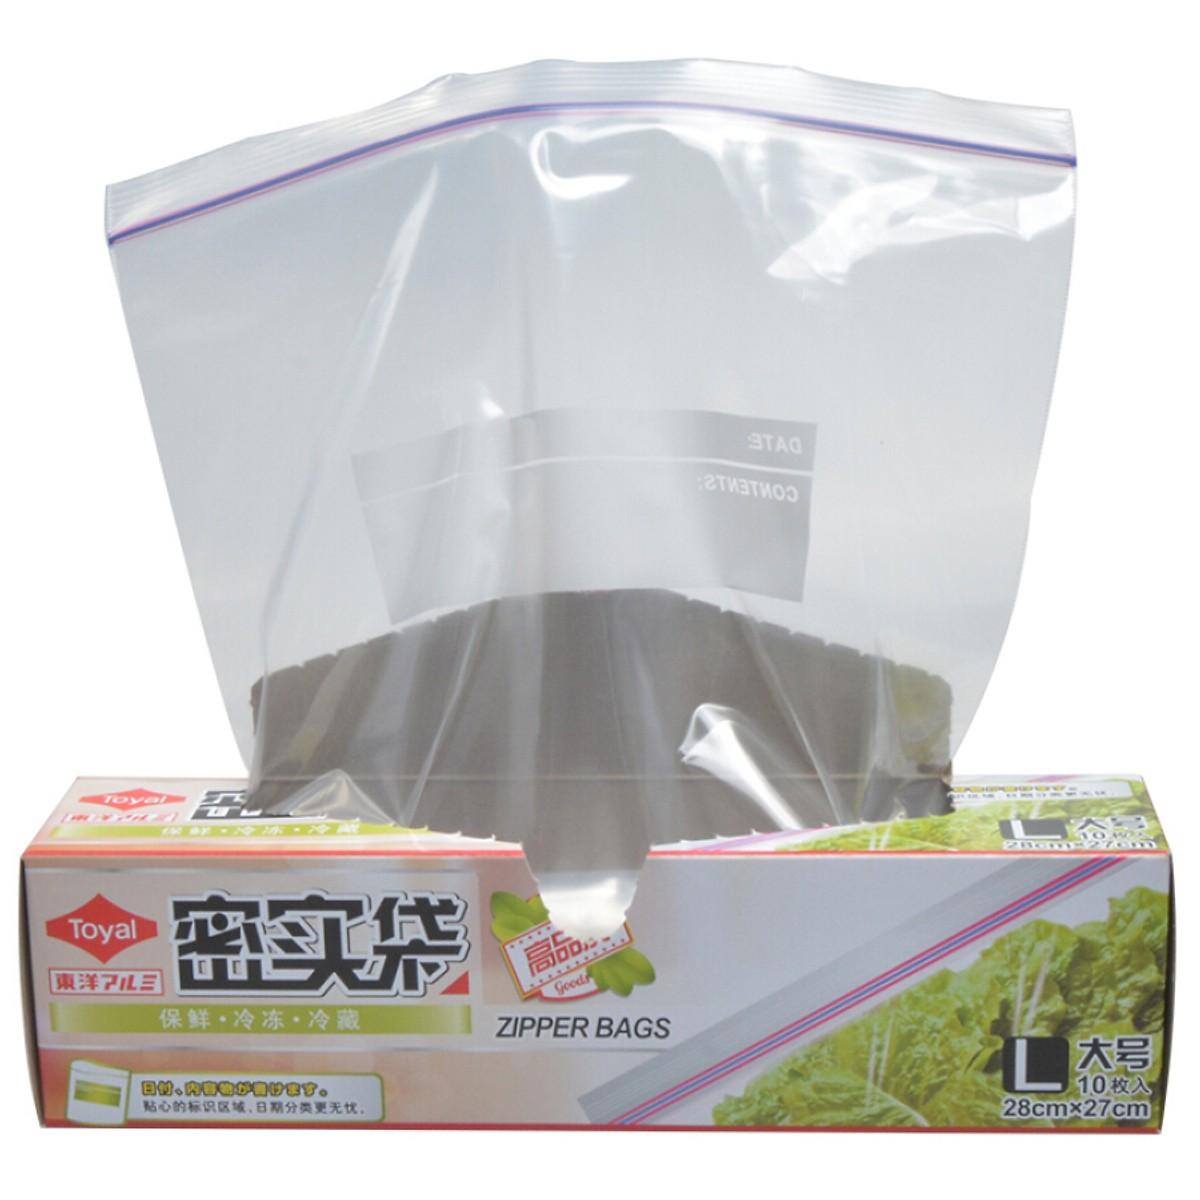 Túi Zip Đựng Thực Phẩm Chống Thấm Nước TOYAL (Hộp 10 Túi x 3 Hộp)